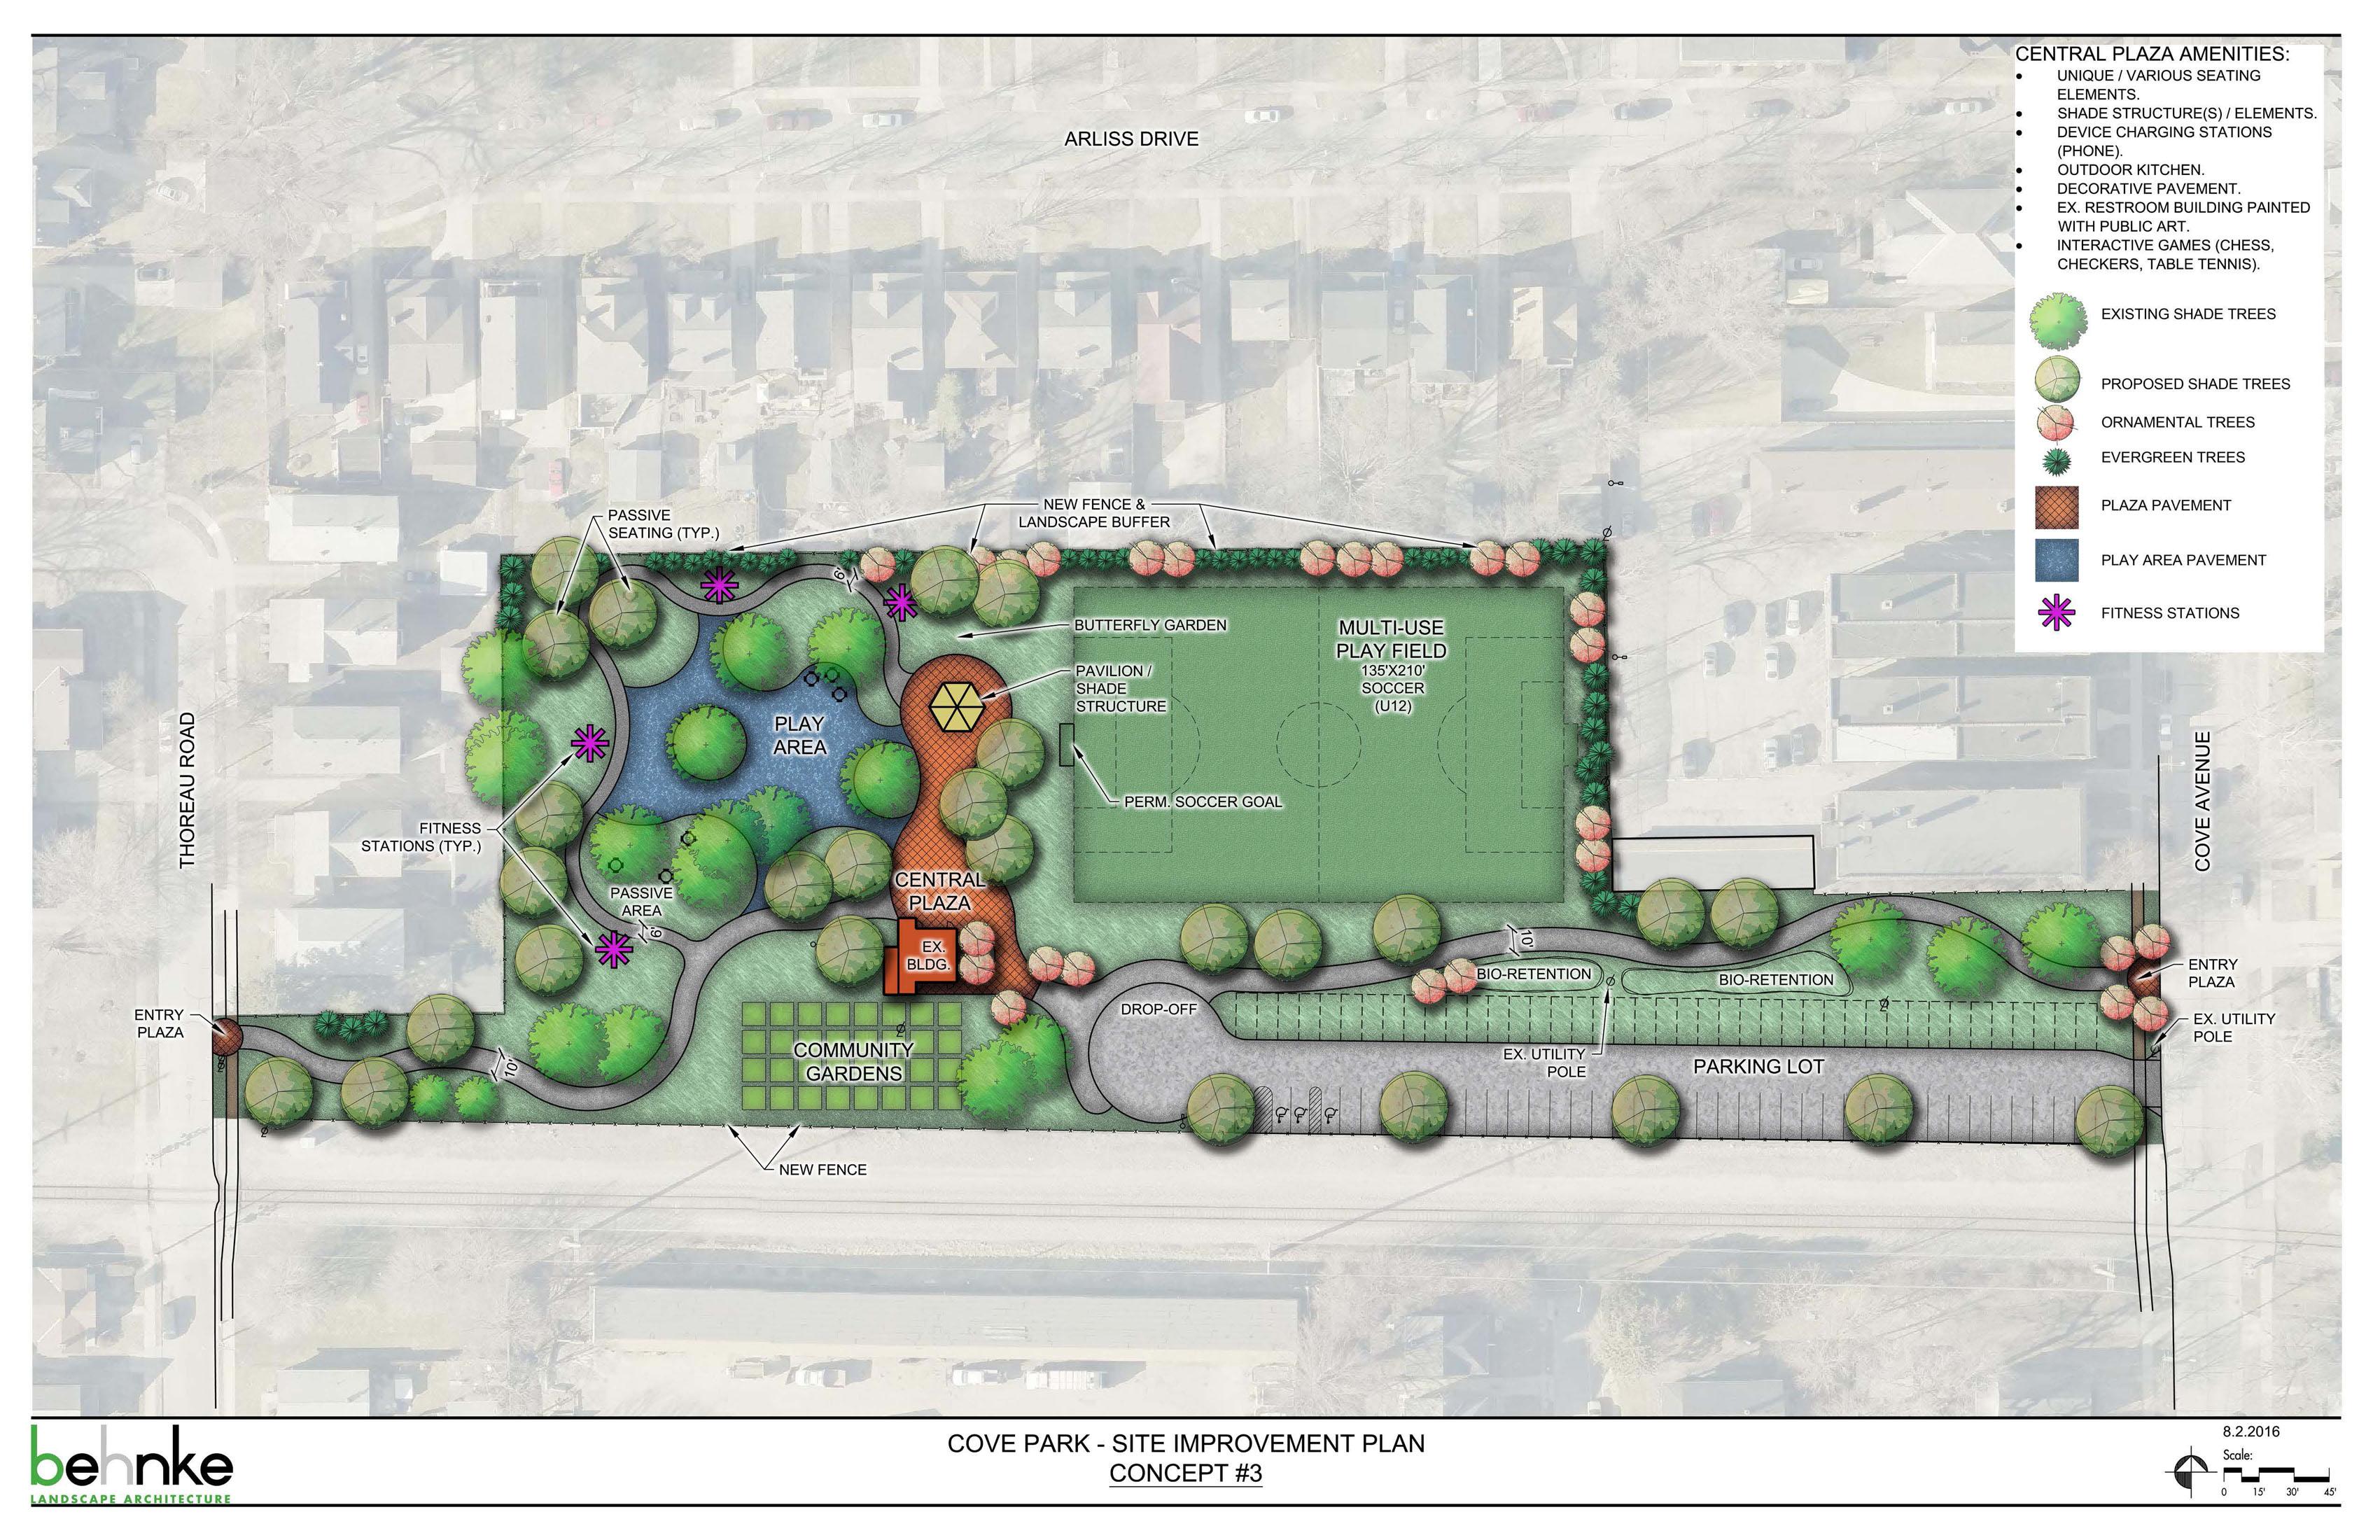 Cove Park Concept 3